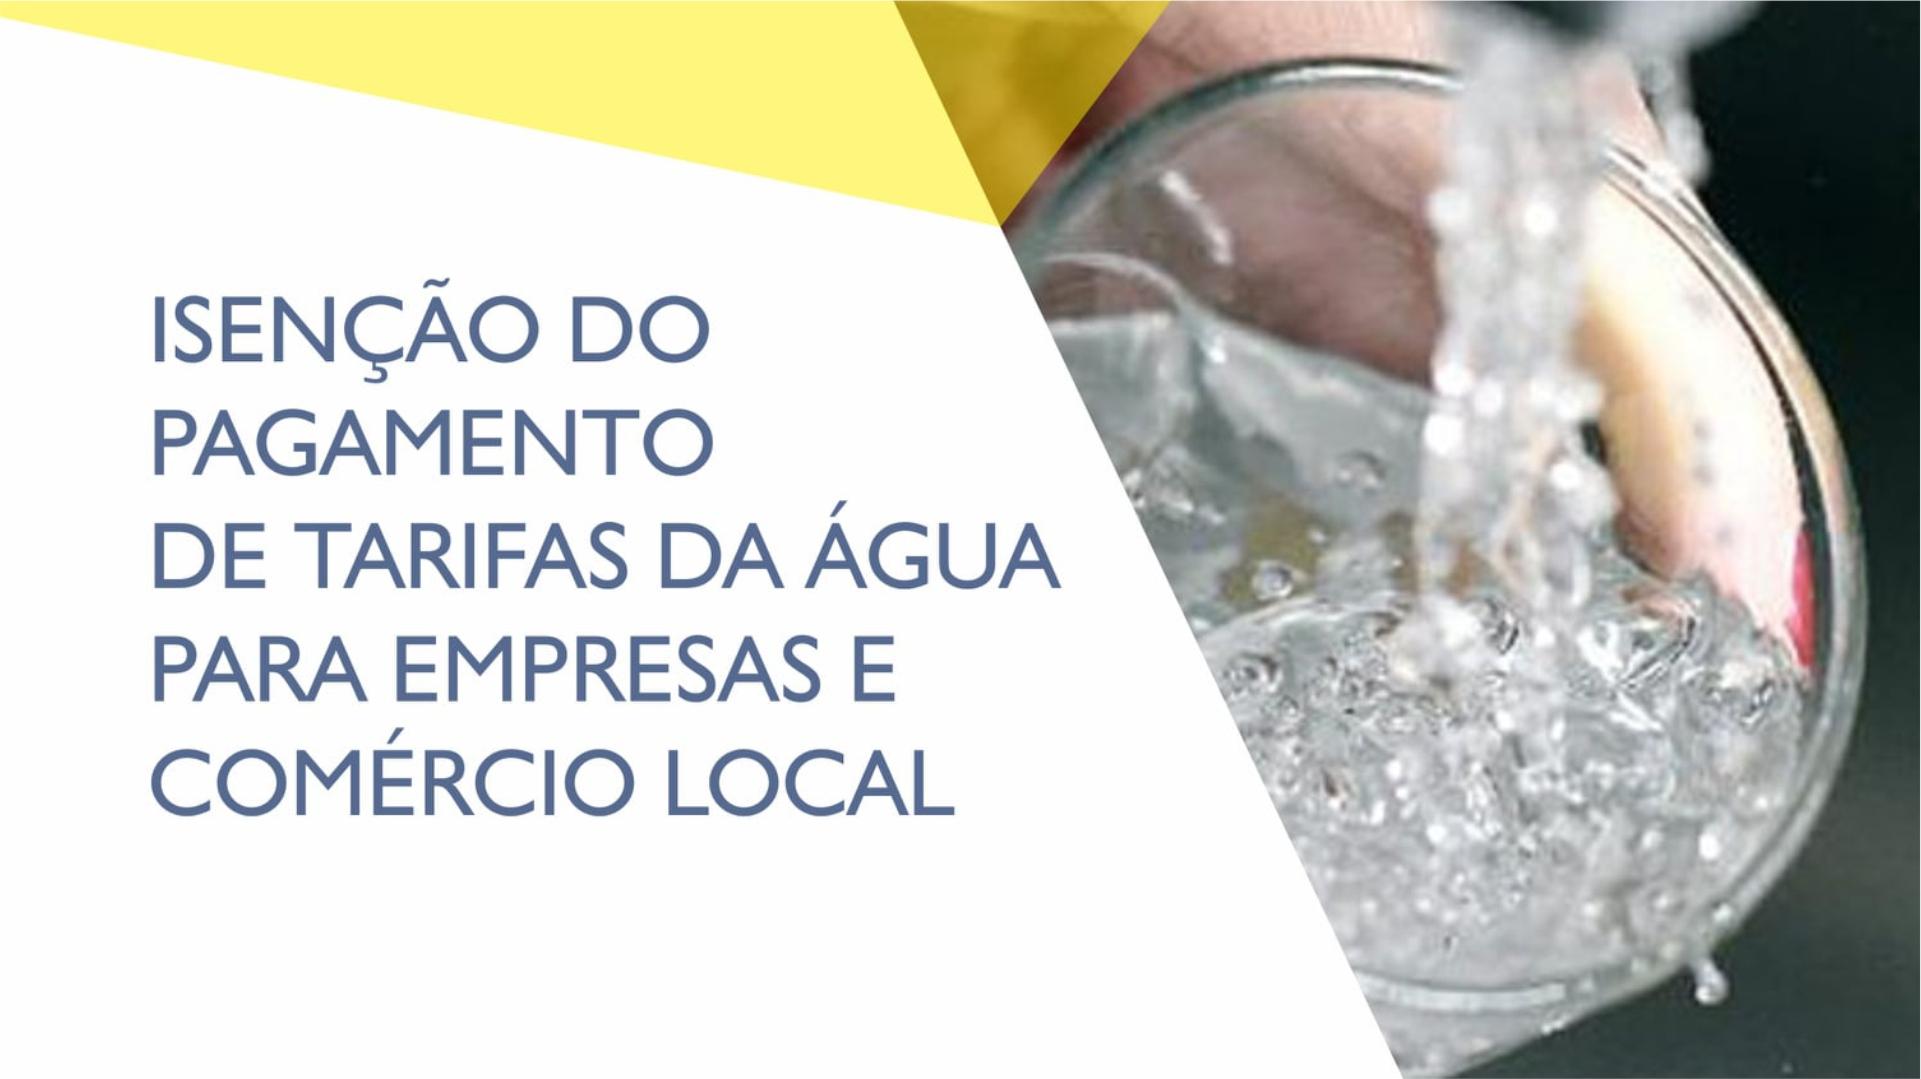 Isenção do pagamento de tarifas fixas da água para empresas e comércio local